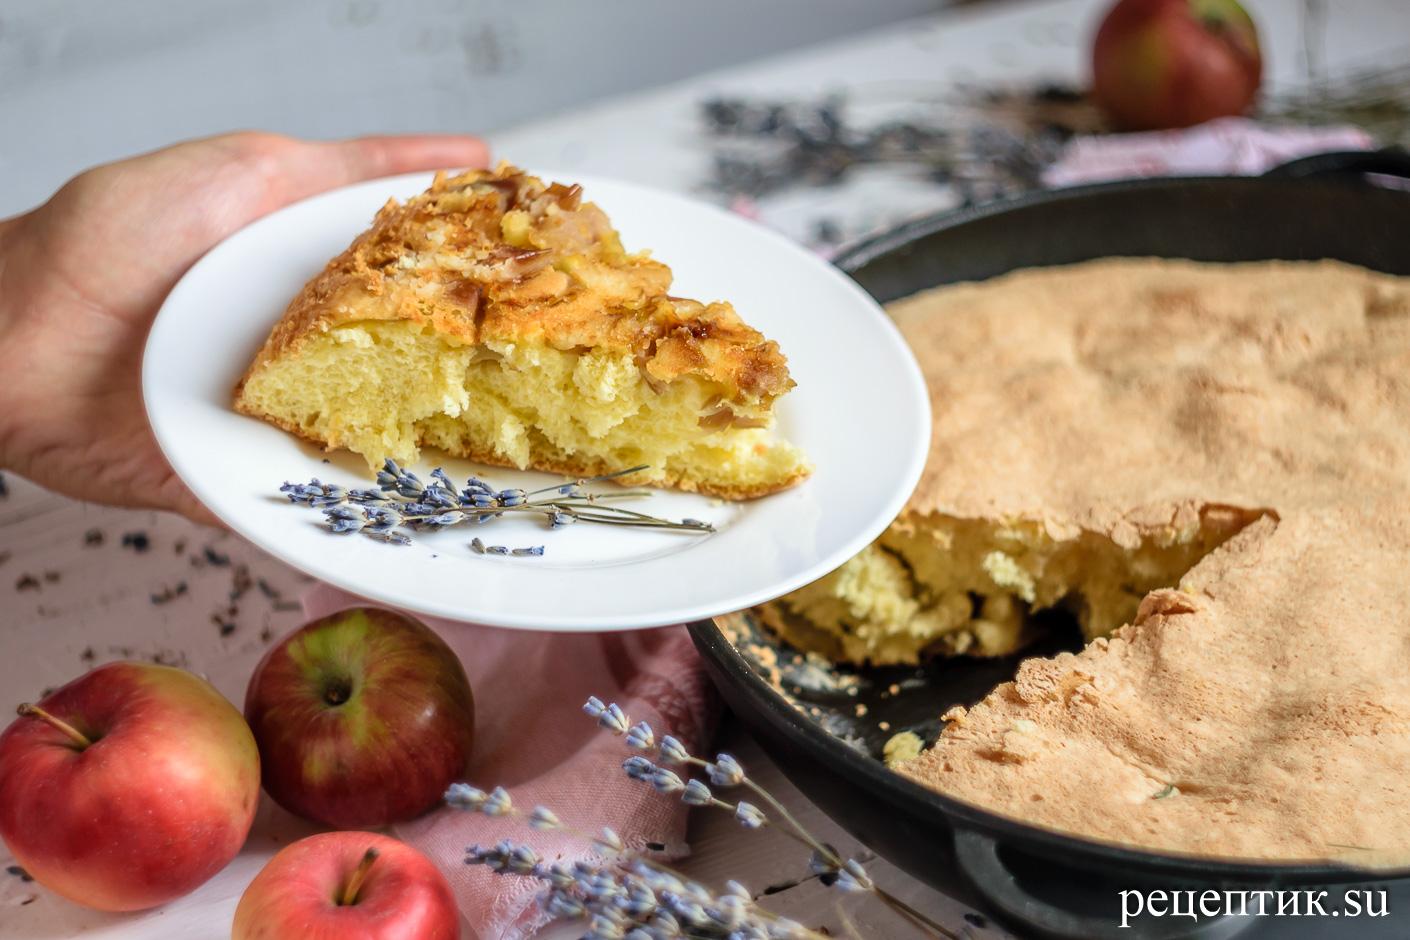 Пышная шарлотка с яблоками в духовке - рецепт с фото